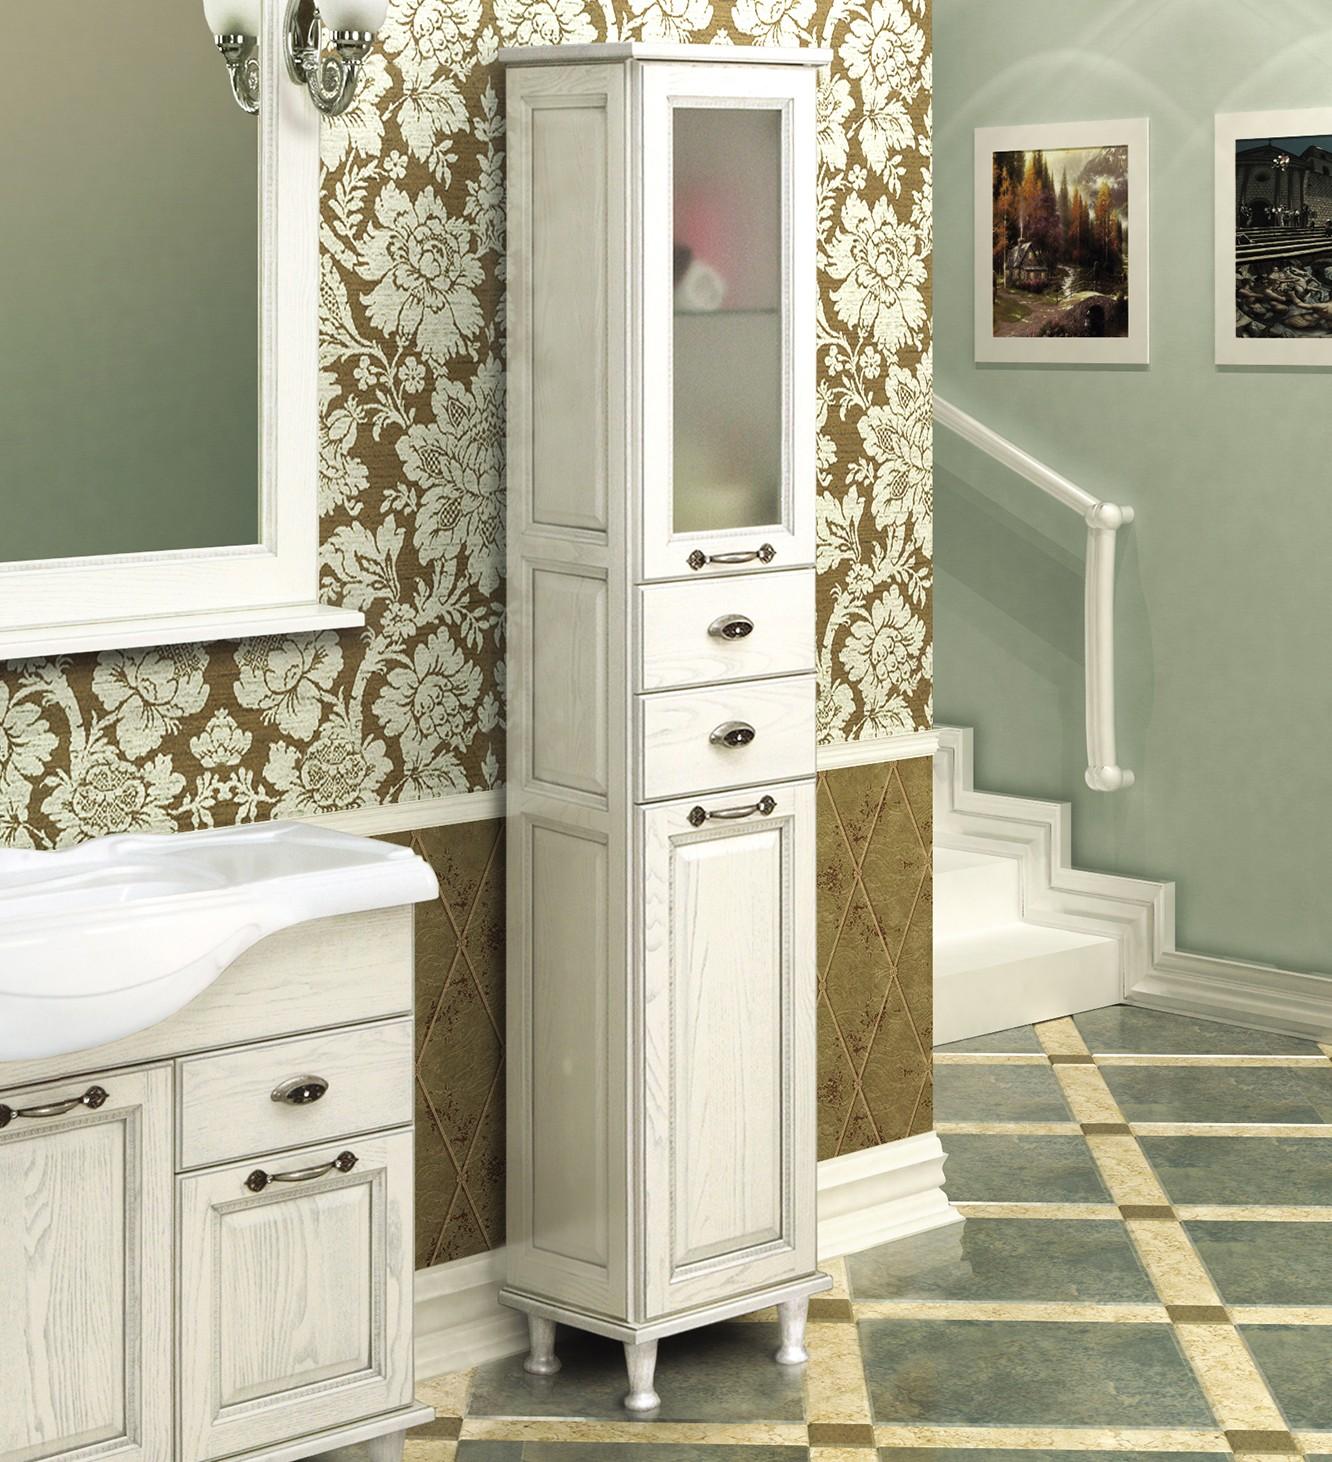 шкаф пенал с бельевой корзиной для ванной